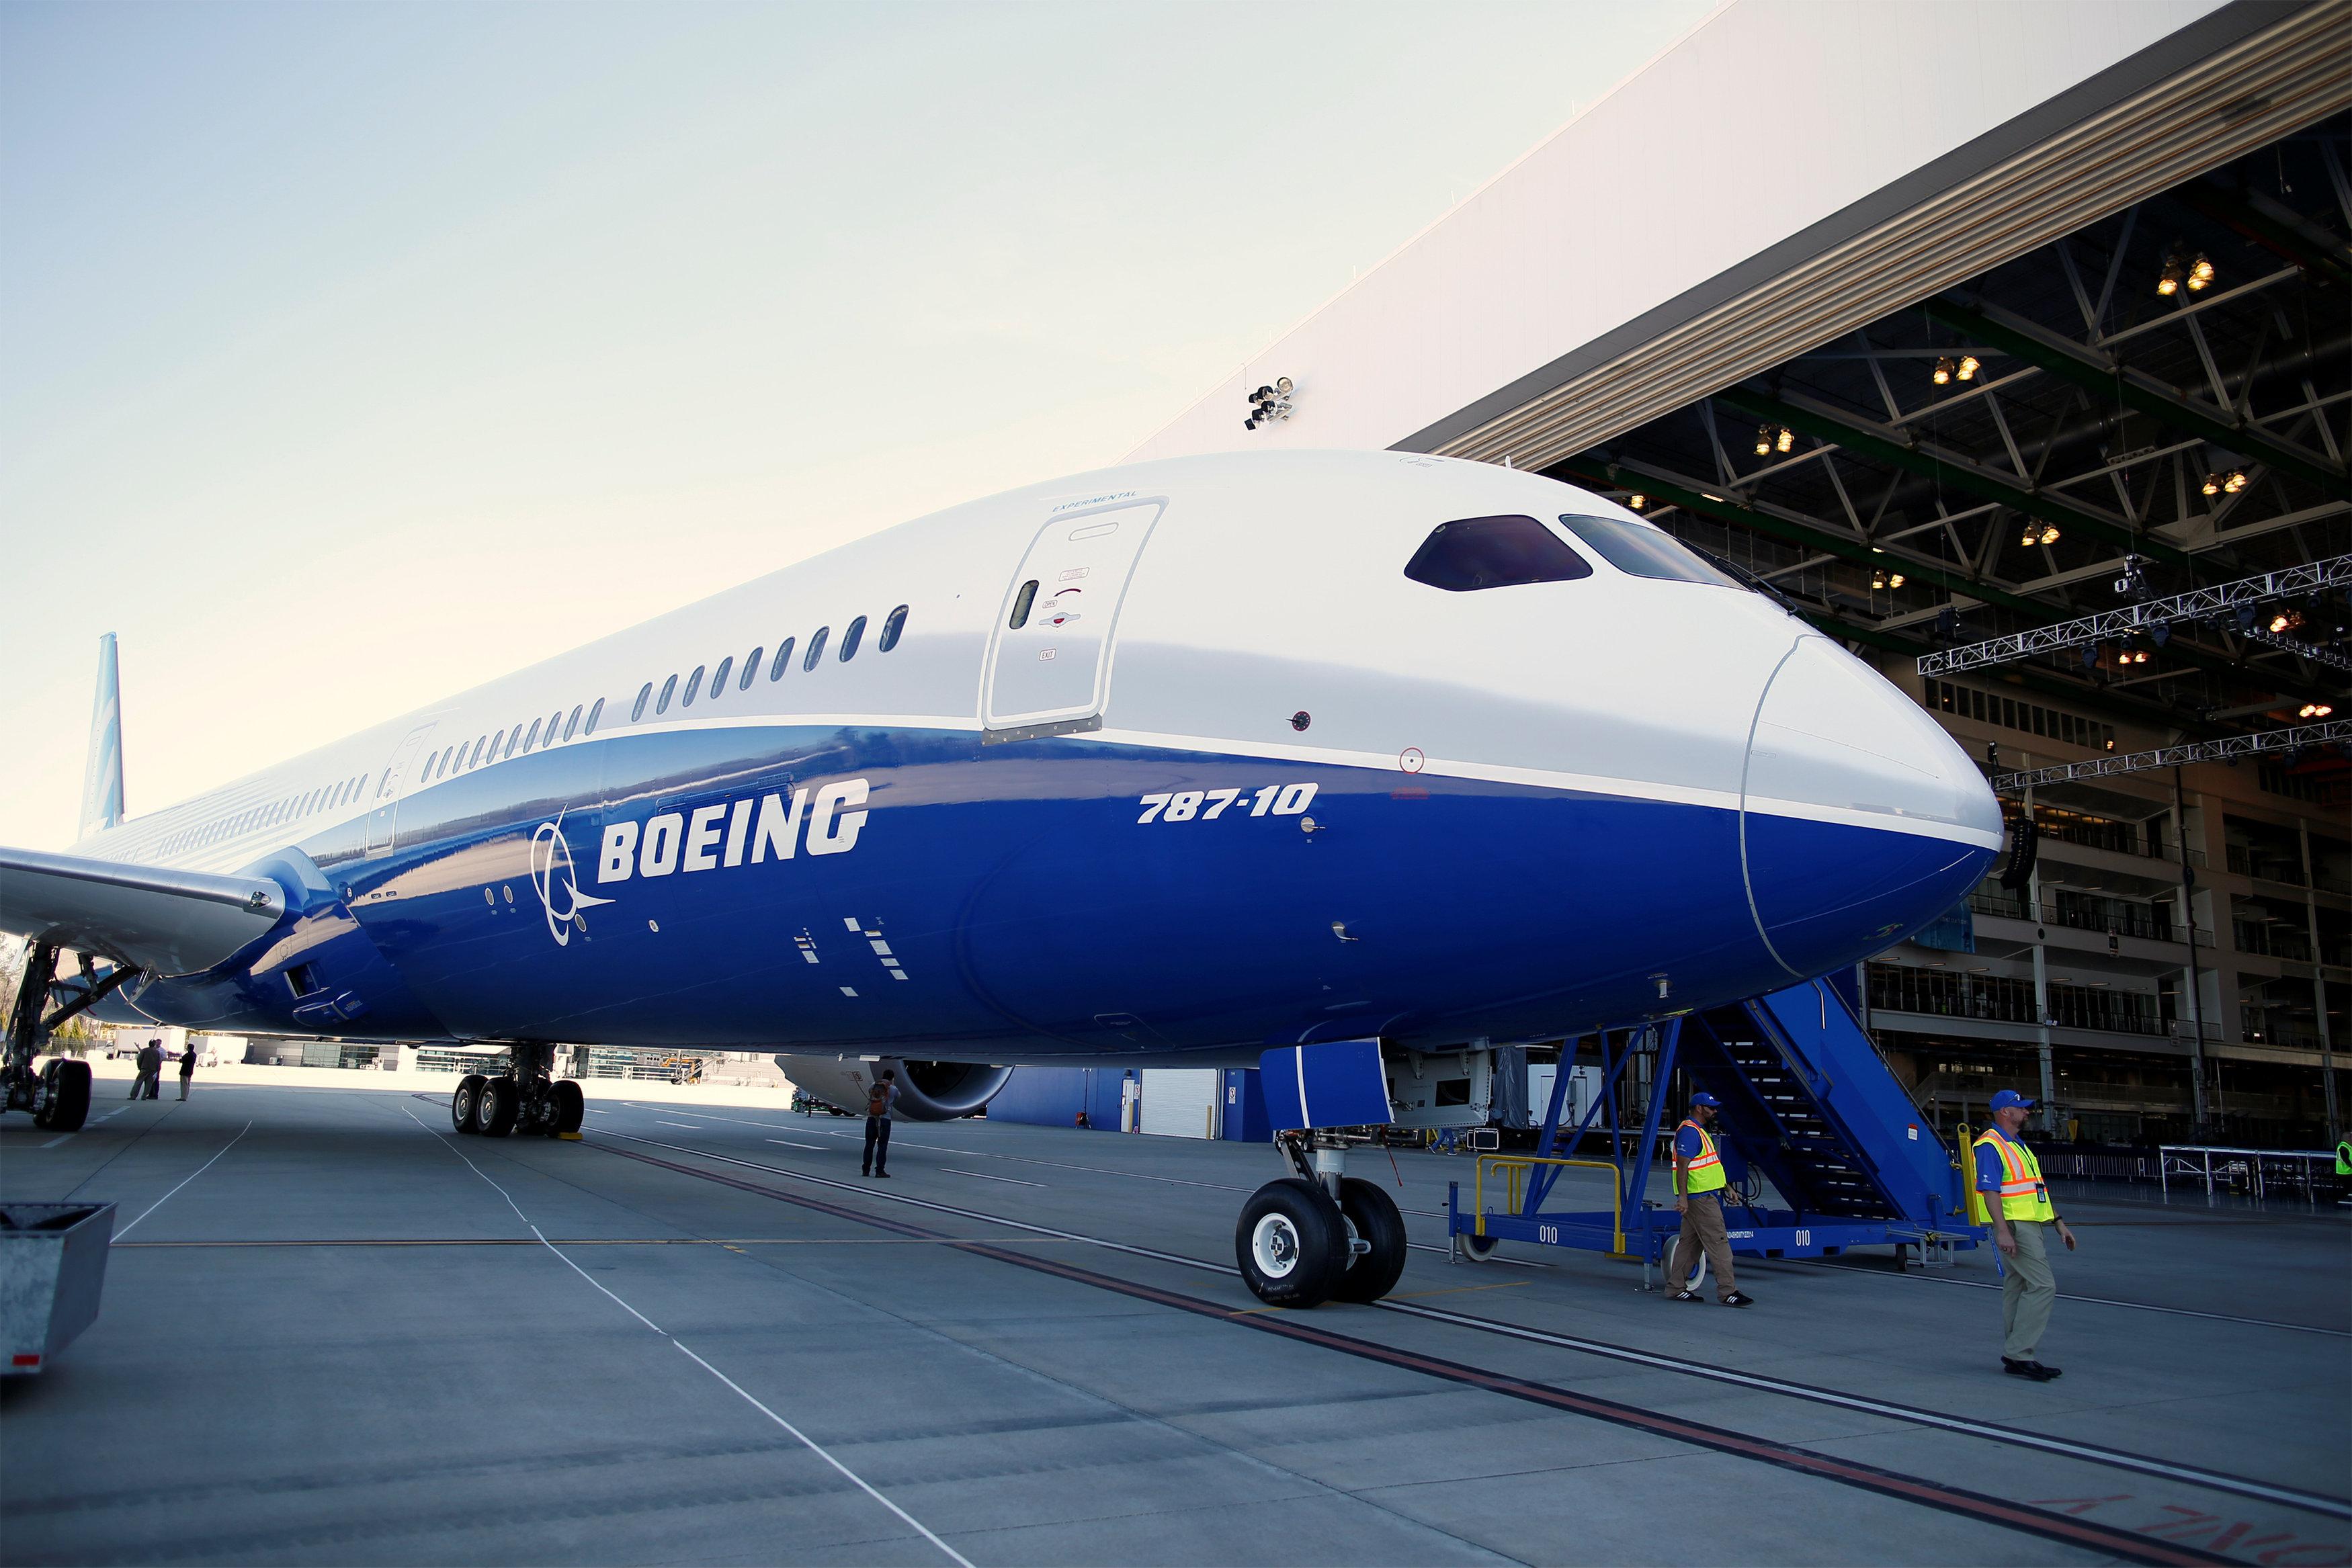 Boeing планирует открыть 1-ый завод вевропейских странах